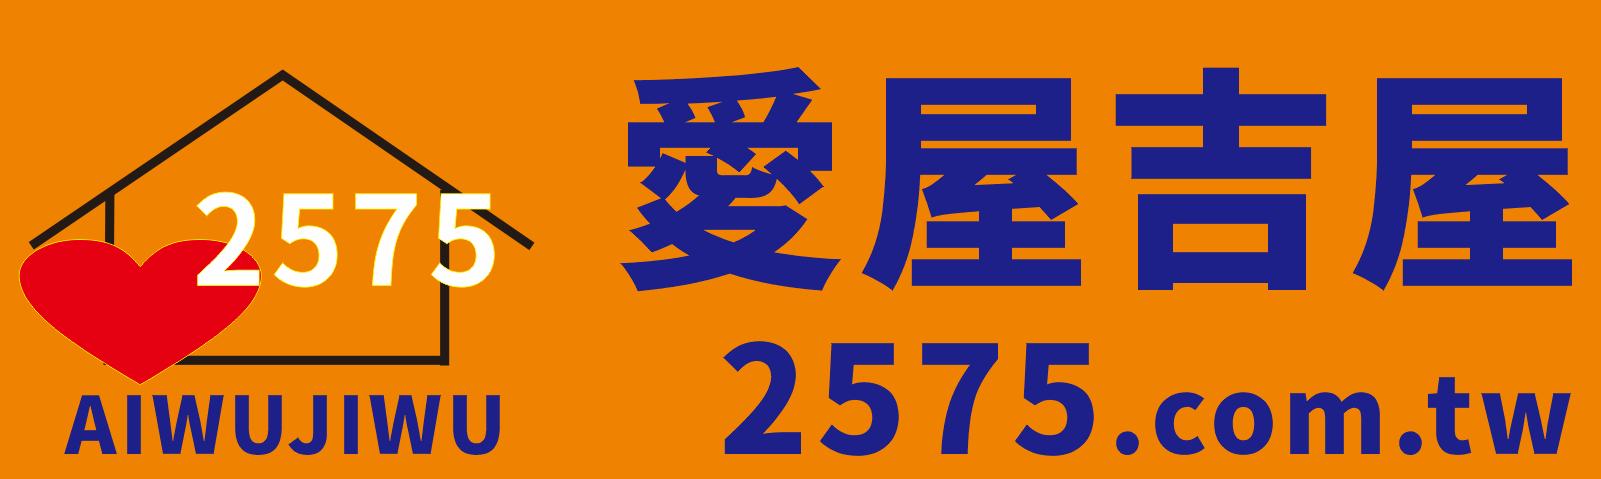 愛屋吉屋aiwujiwu2575不動產免費廣告刊登流通2575房屋廣告免費刊登2575house2575-real-estate